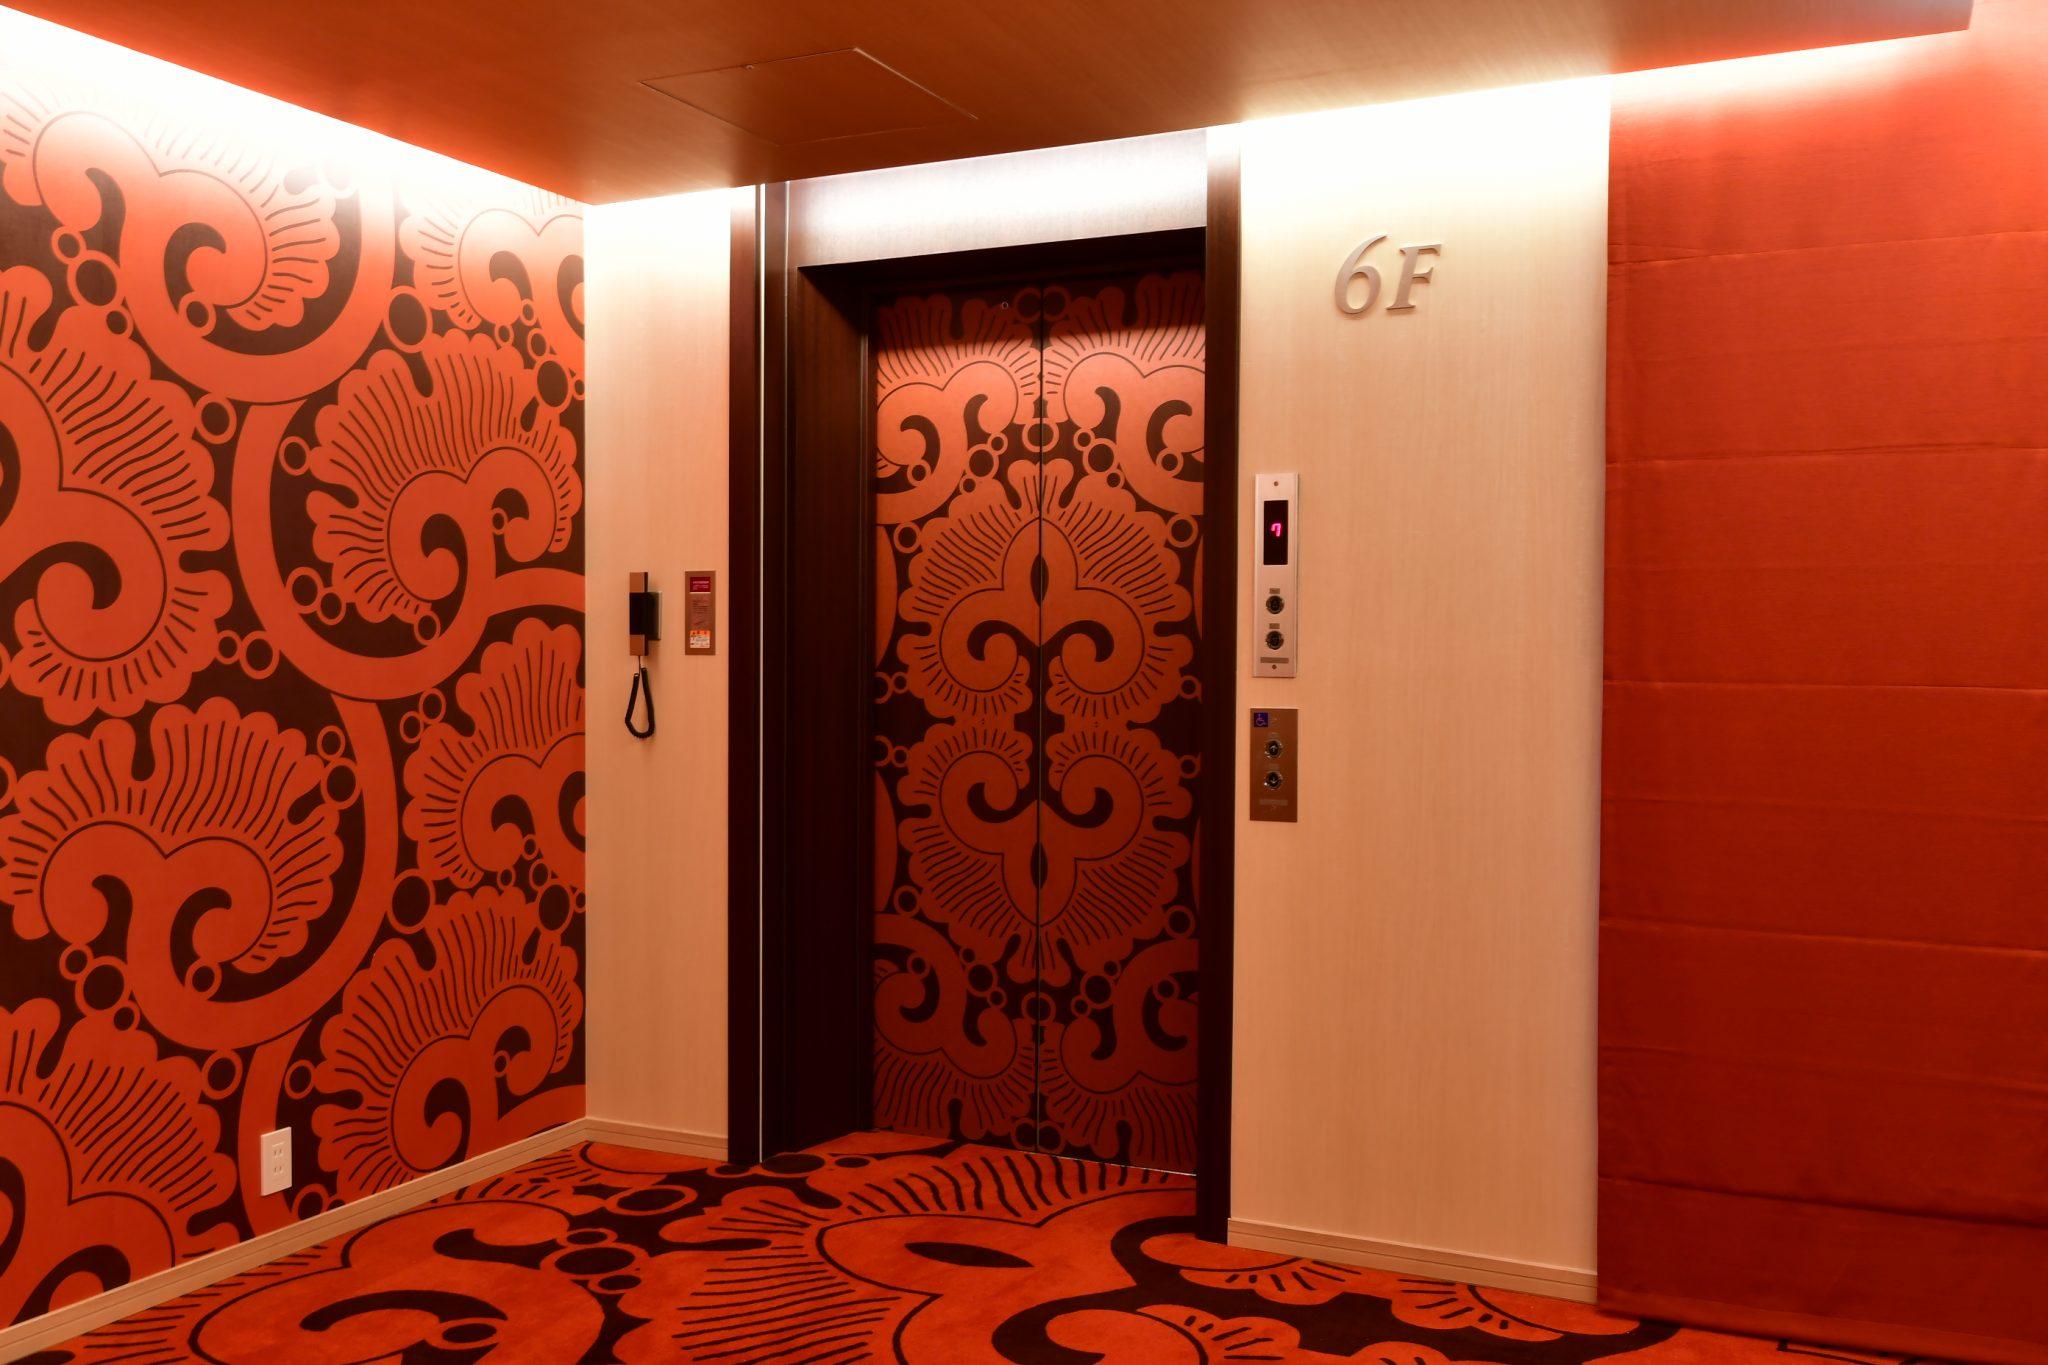 センチュリオンホテル・クラシック奈良<br>2017年8月グランドオープン<br>悠々とした万葉からの時間をデザイン。<br>蘇った奈良駅前オフィスビルフルリノベーション。